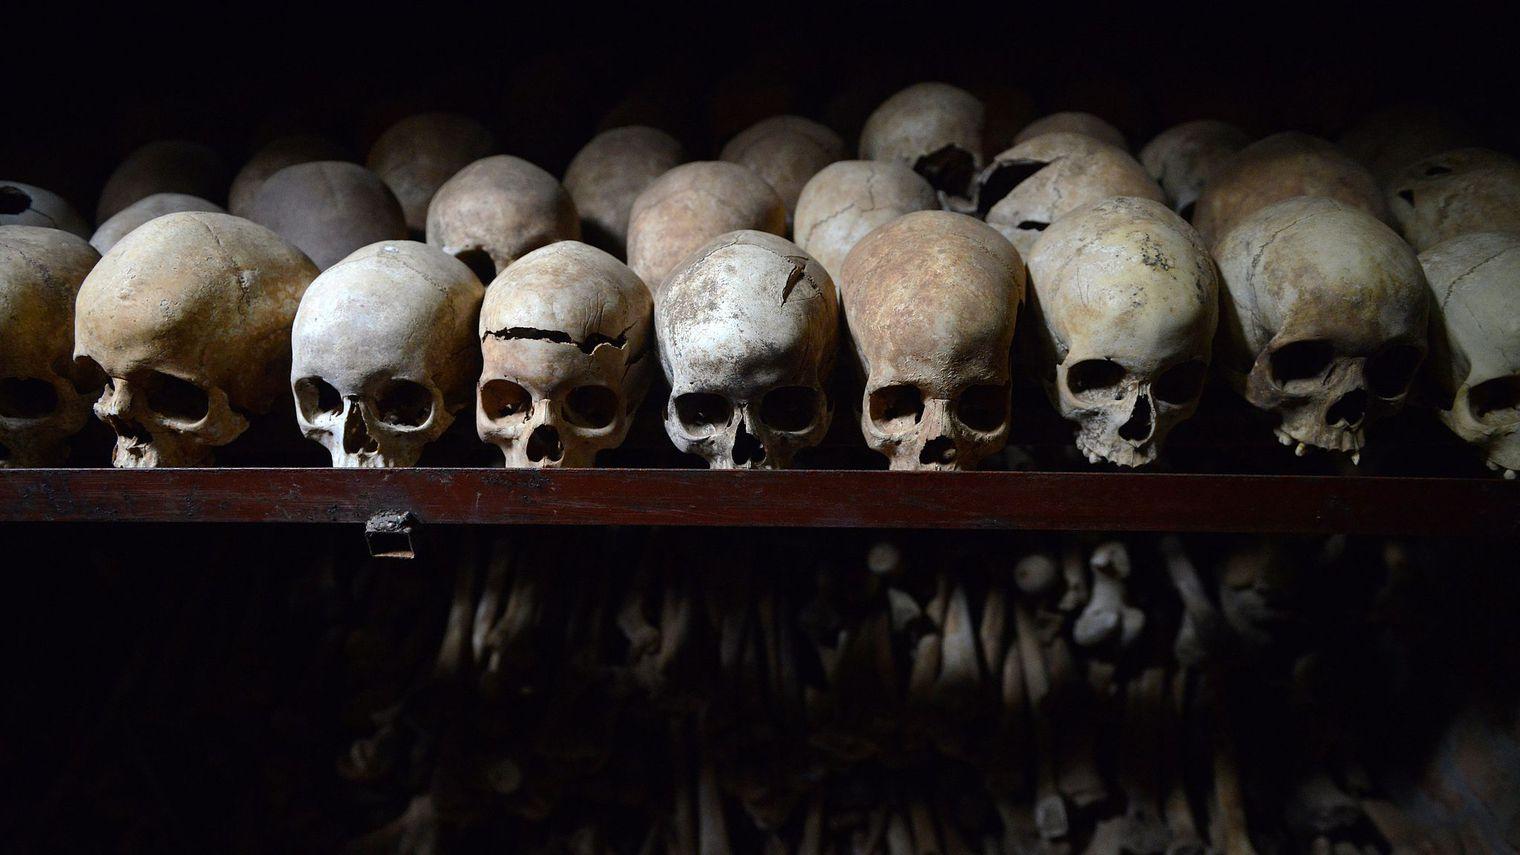 Cranes de victimes du génocide rwandais exposées le 4 avril 2014 à l'intérieur de l'église catholique de Nyamata où des milliers de personnes ont été massacrées.